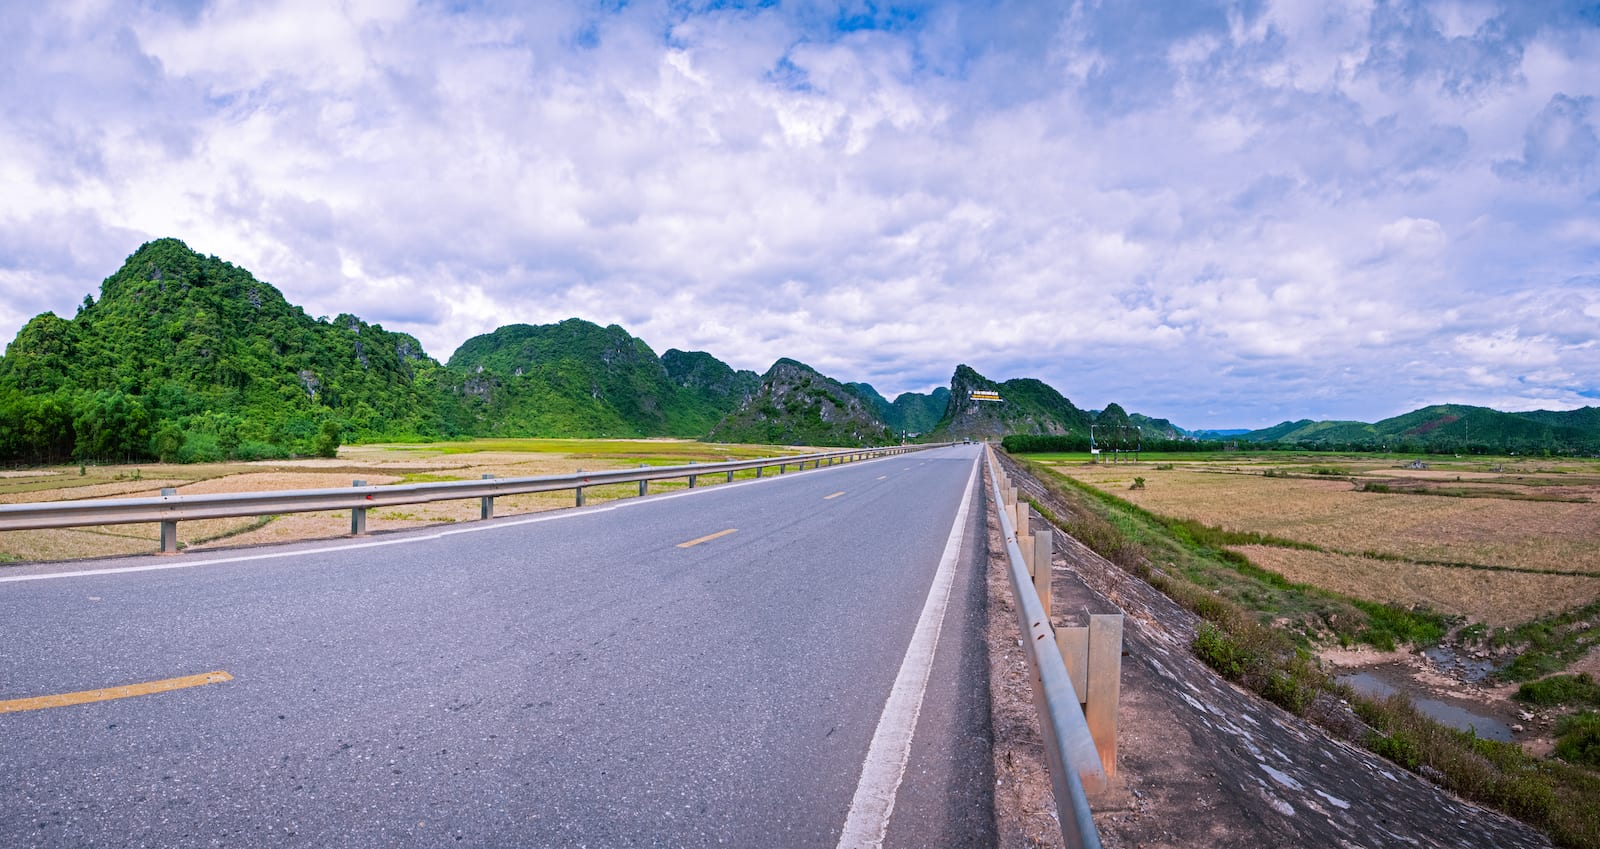 Road to Phong Nha Ke Bang National Park